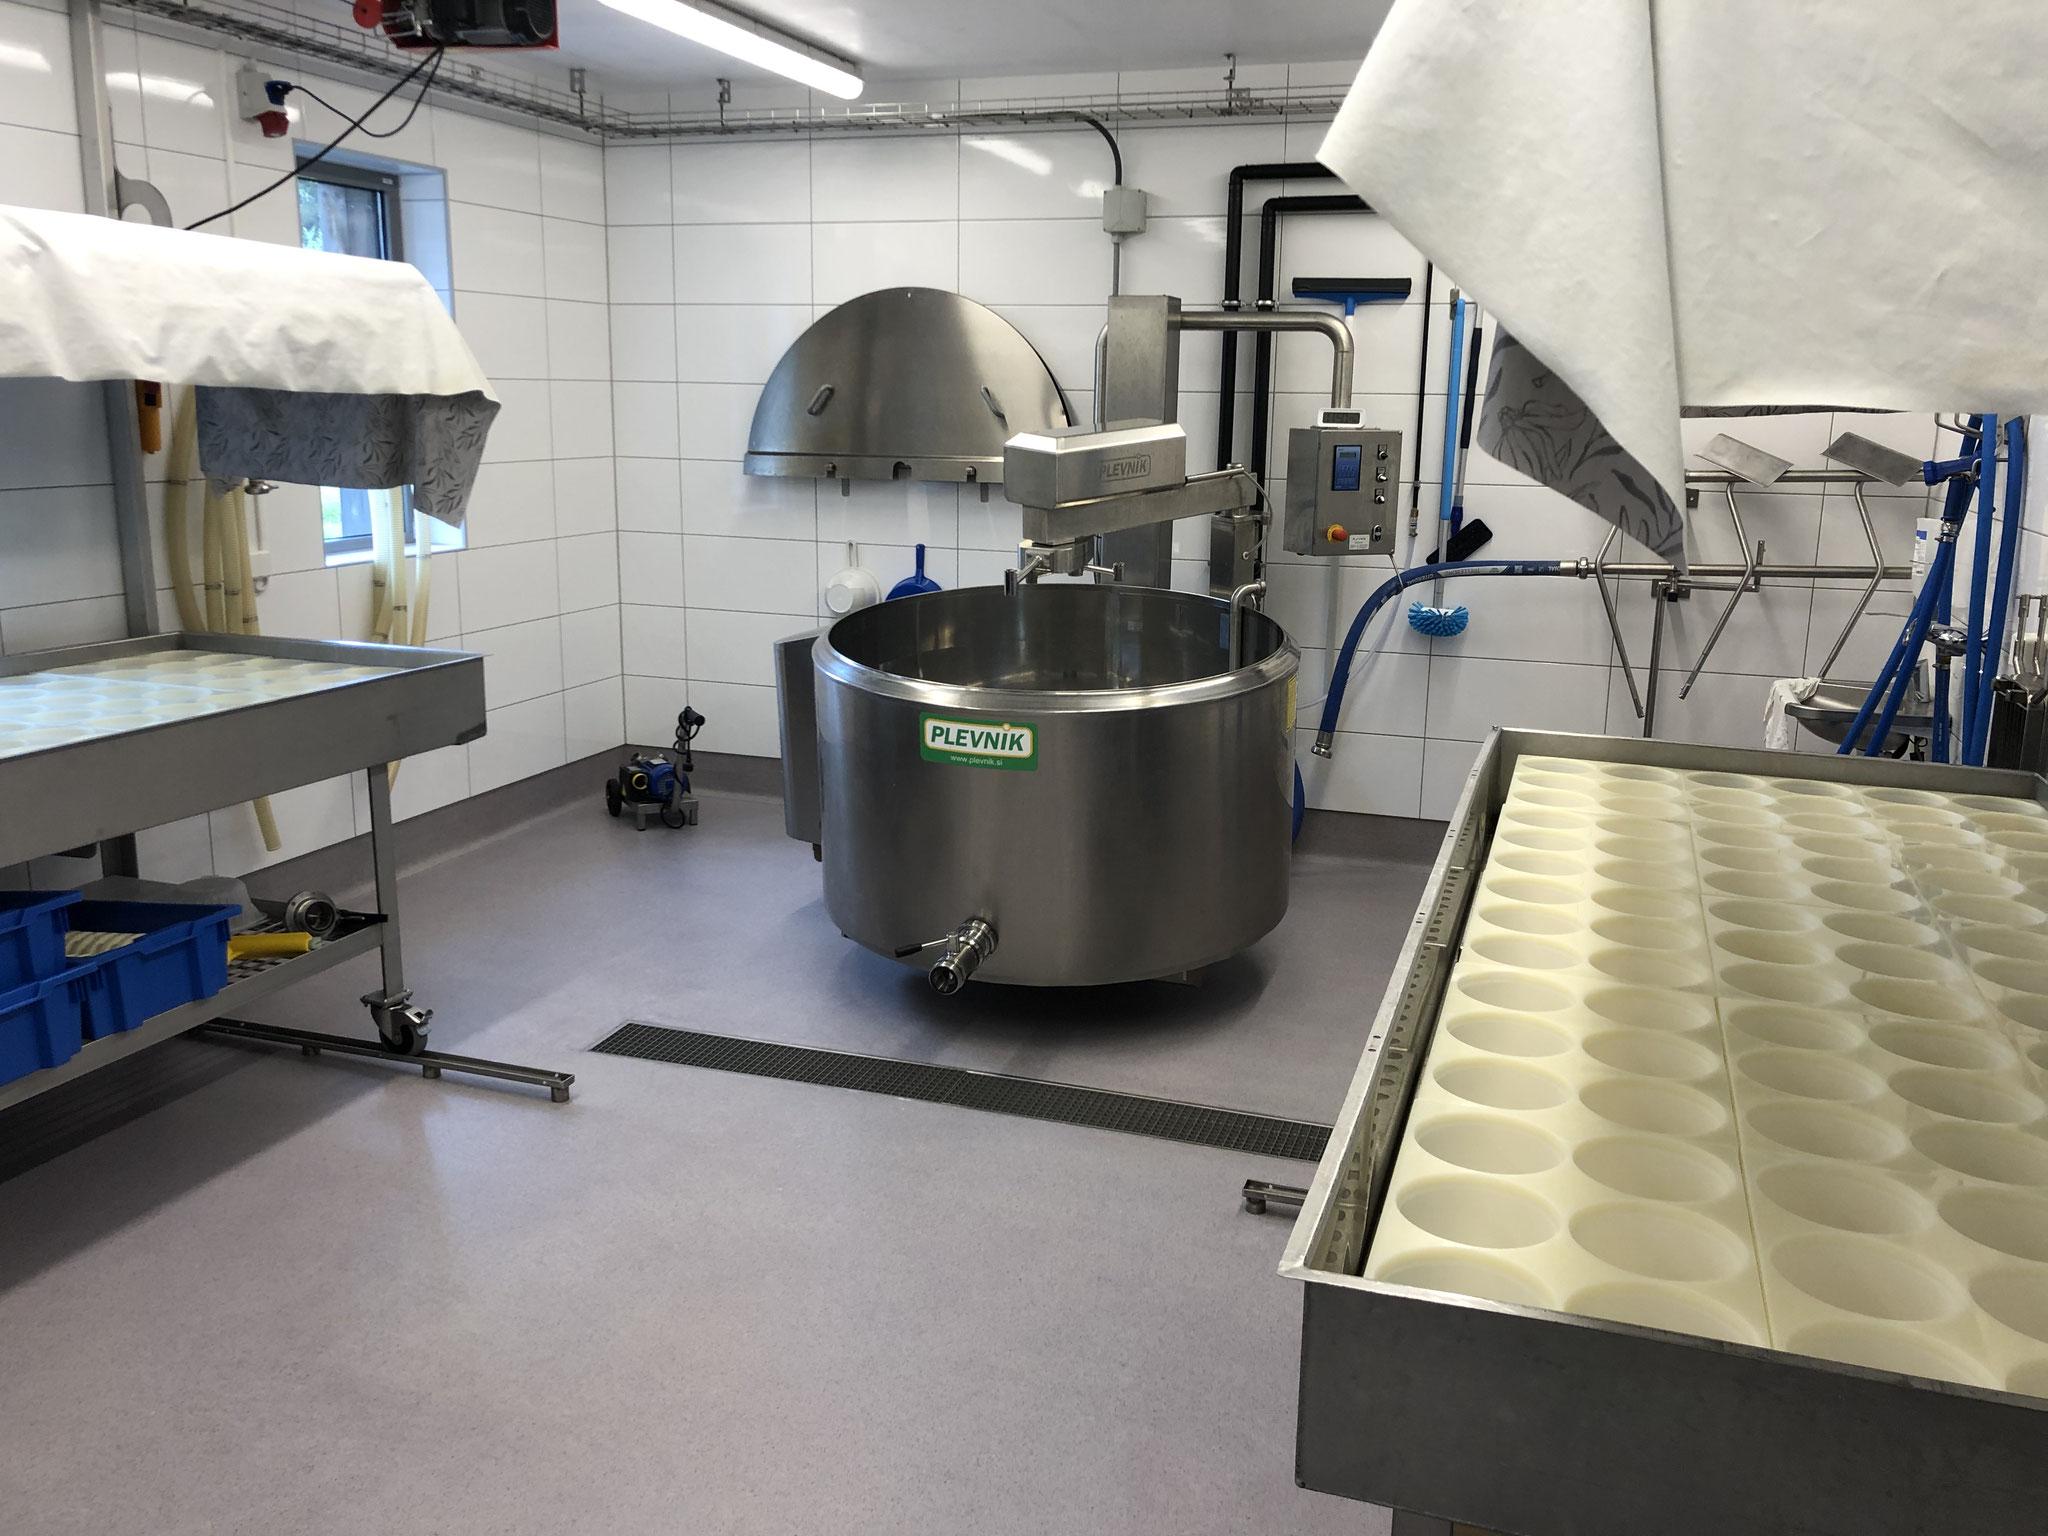 Die berühmte Käsemanufaktur der Mönche von Munkeby.